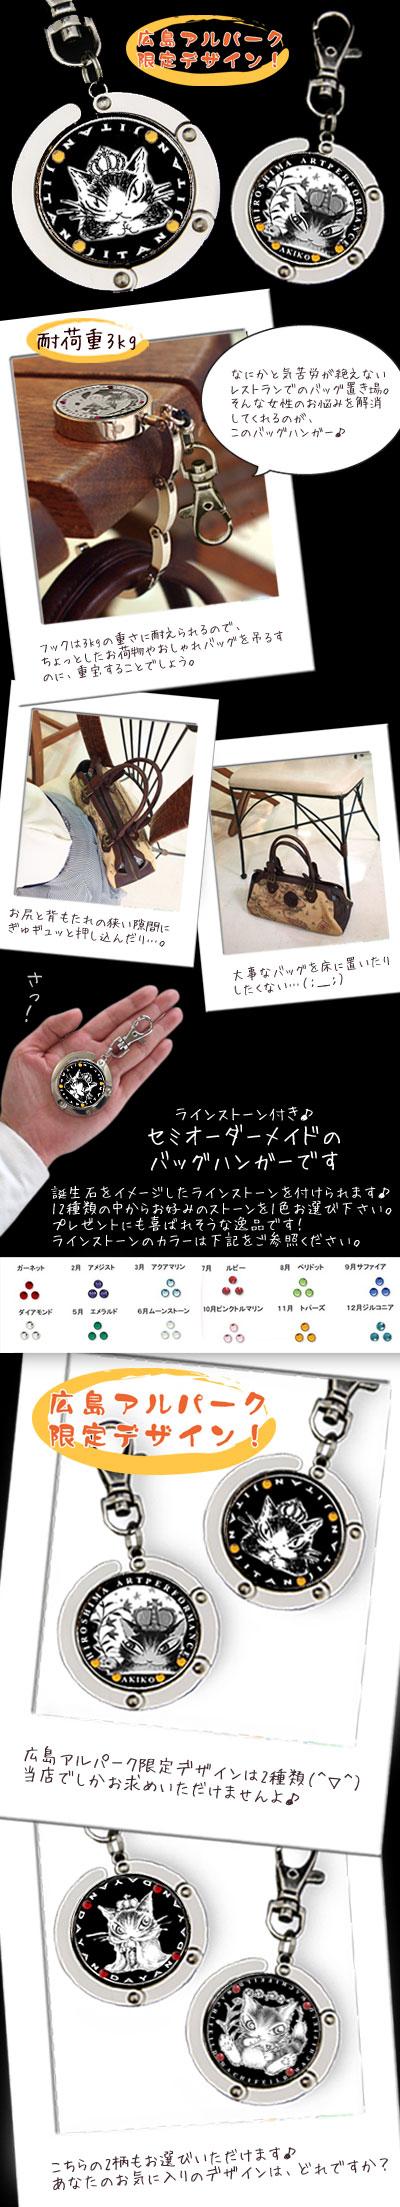 hiroshimabaghunger.jpg